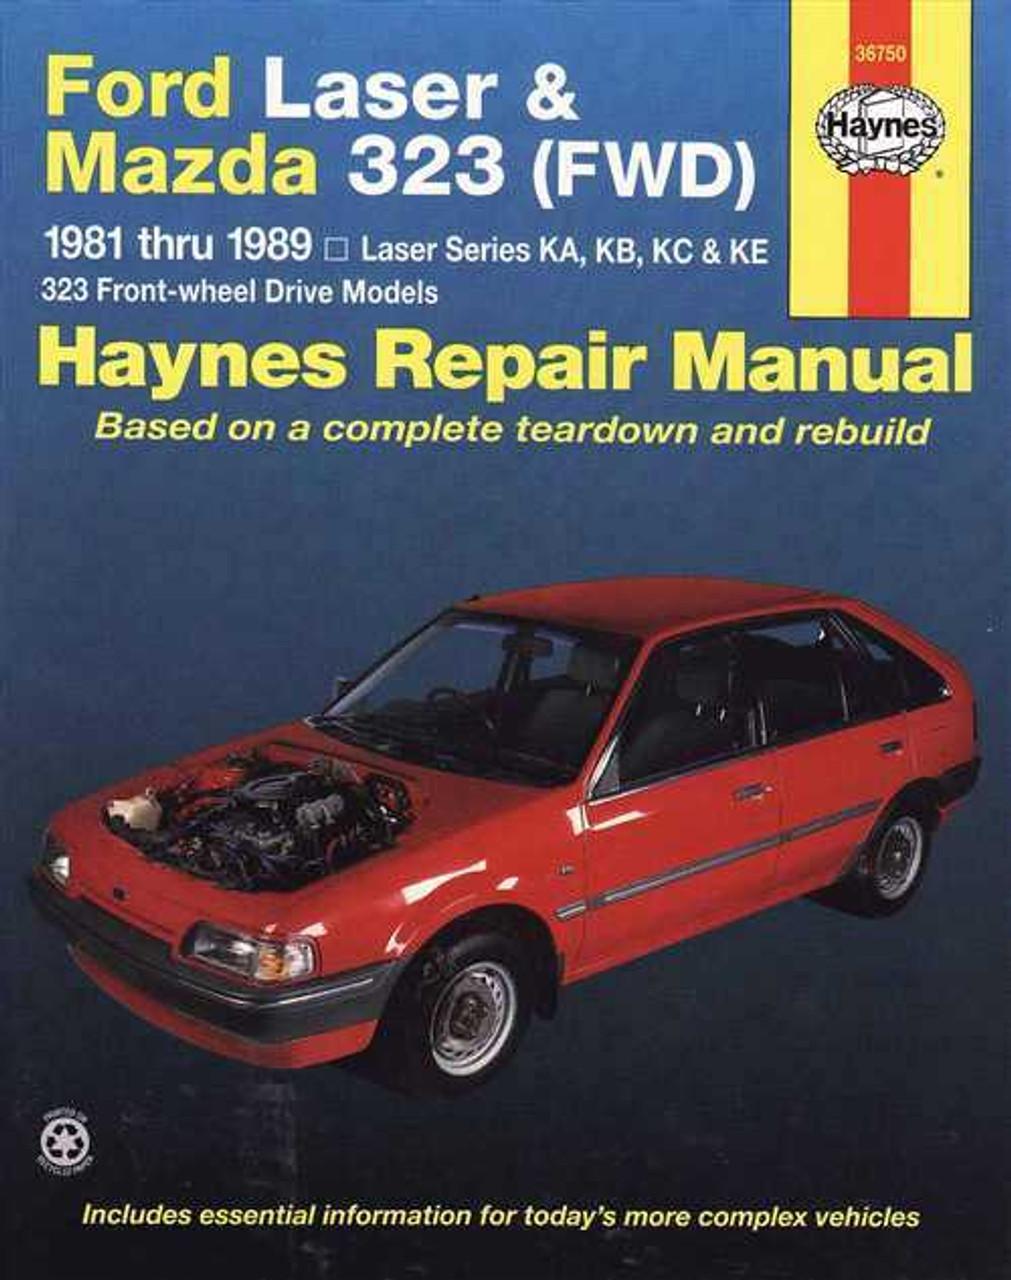 Ford Laser Mazda  Workshop Manual